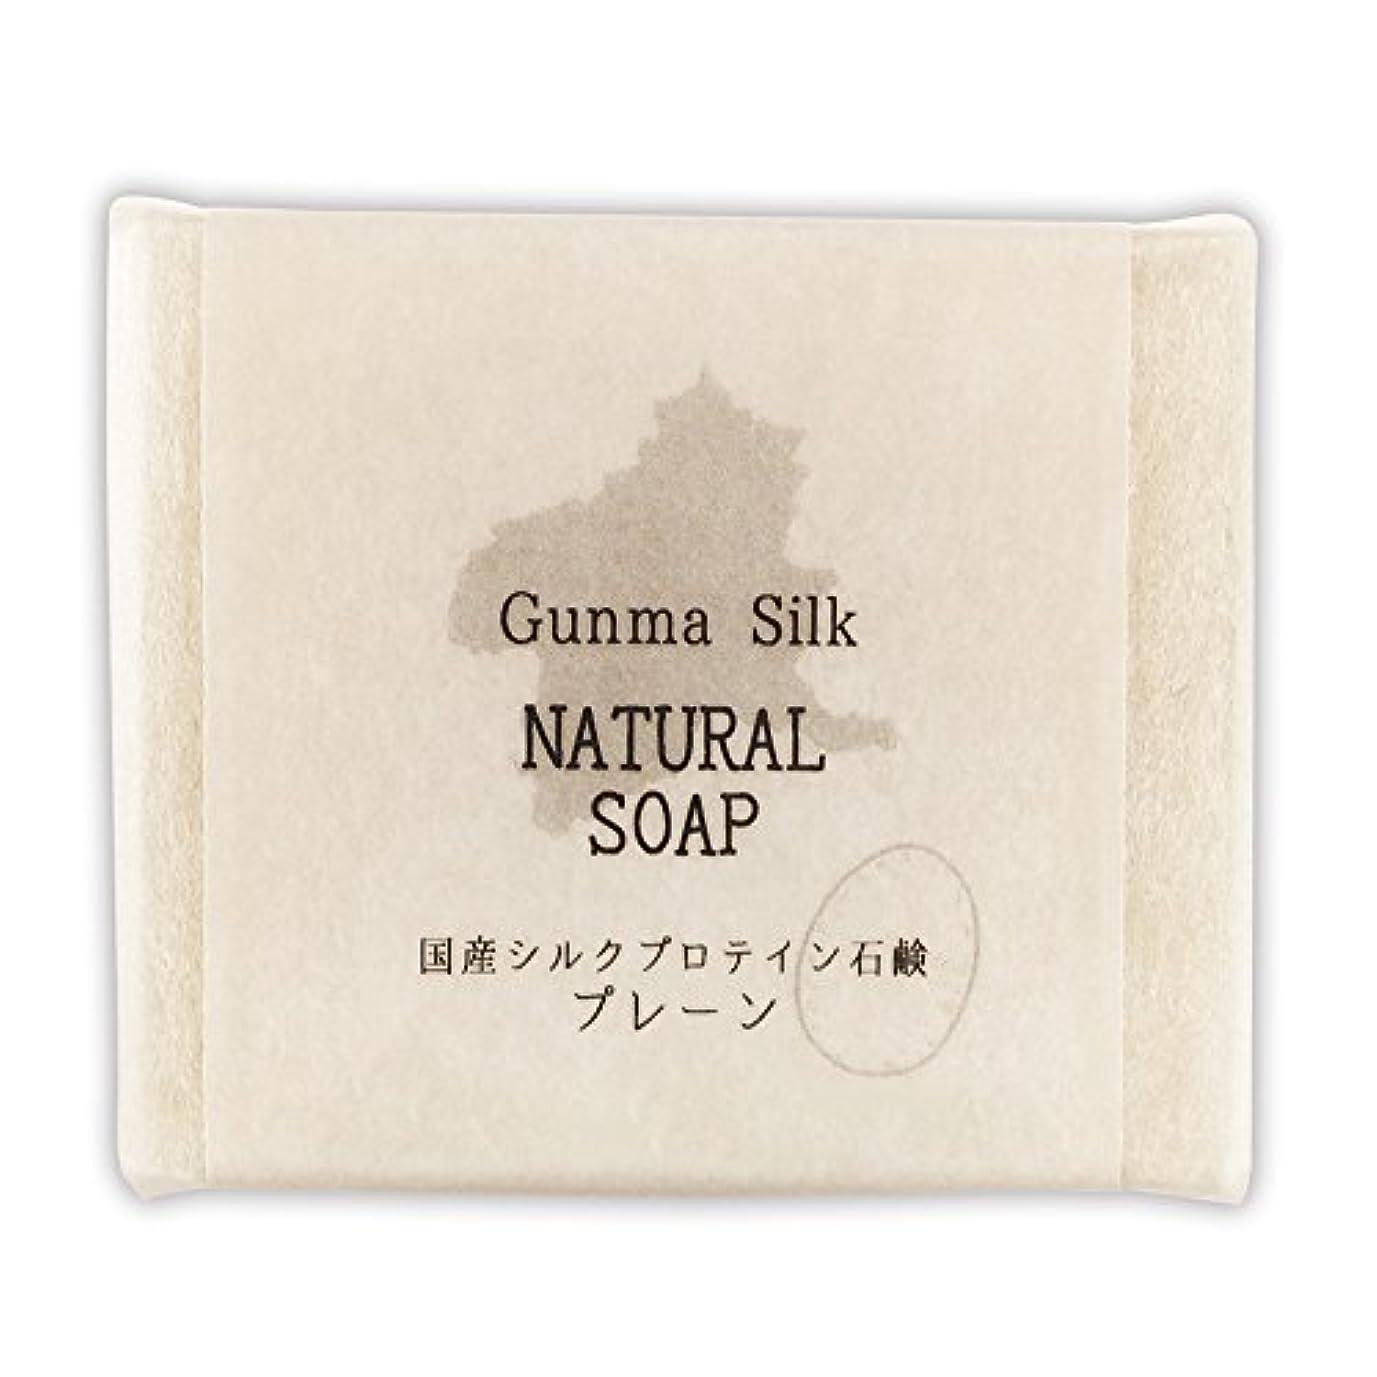 してはいけませんロッジ完全に乾くBN 国産シルクプロテイン石鹸 プレーン SKS-01 (1個)